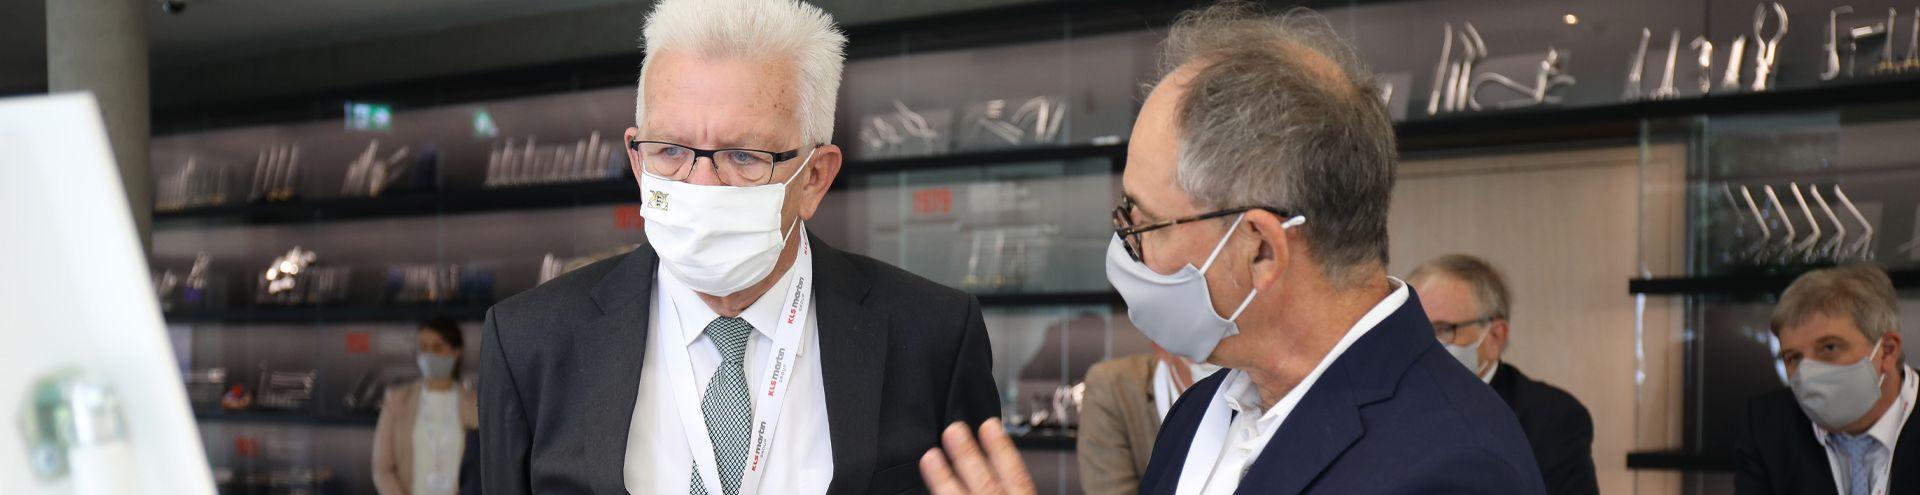 Ministerpräsident Winfried Kretschmann und Geschäftsführer Michael Martin